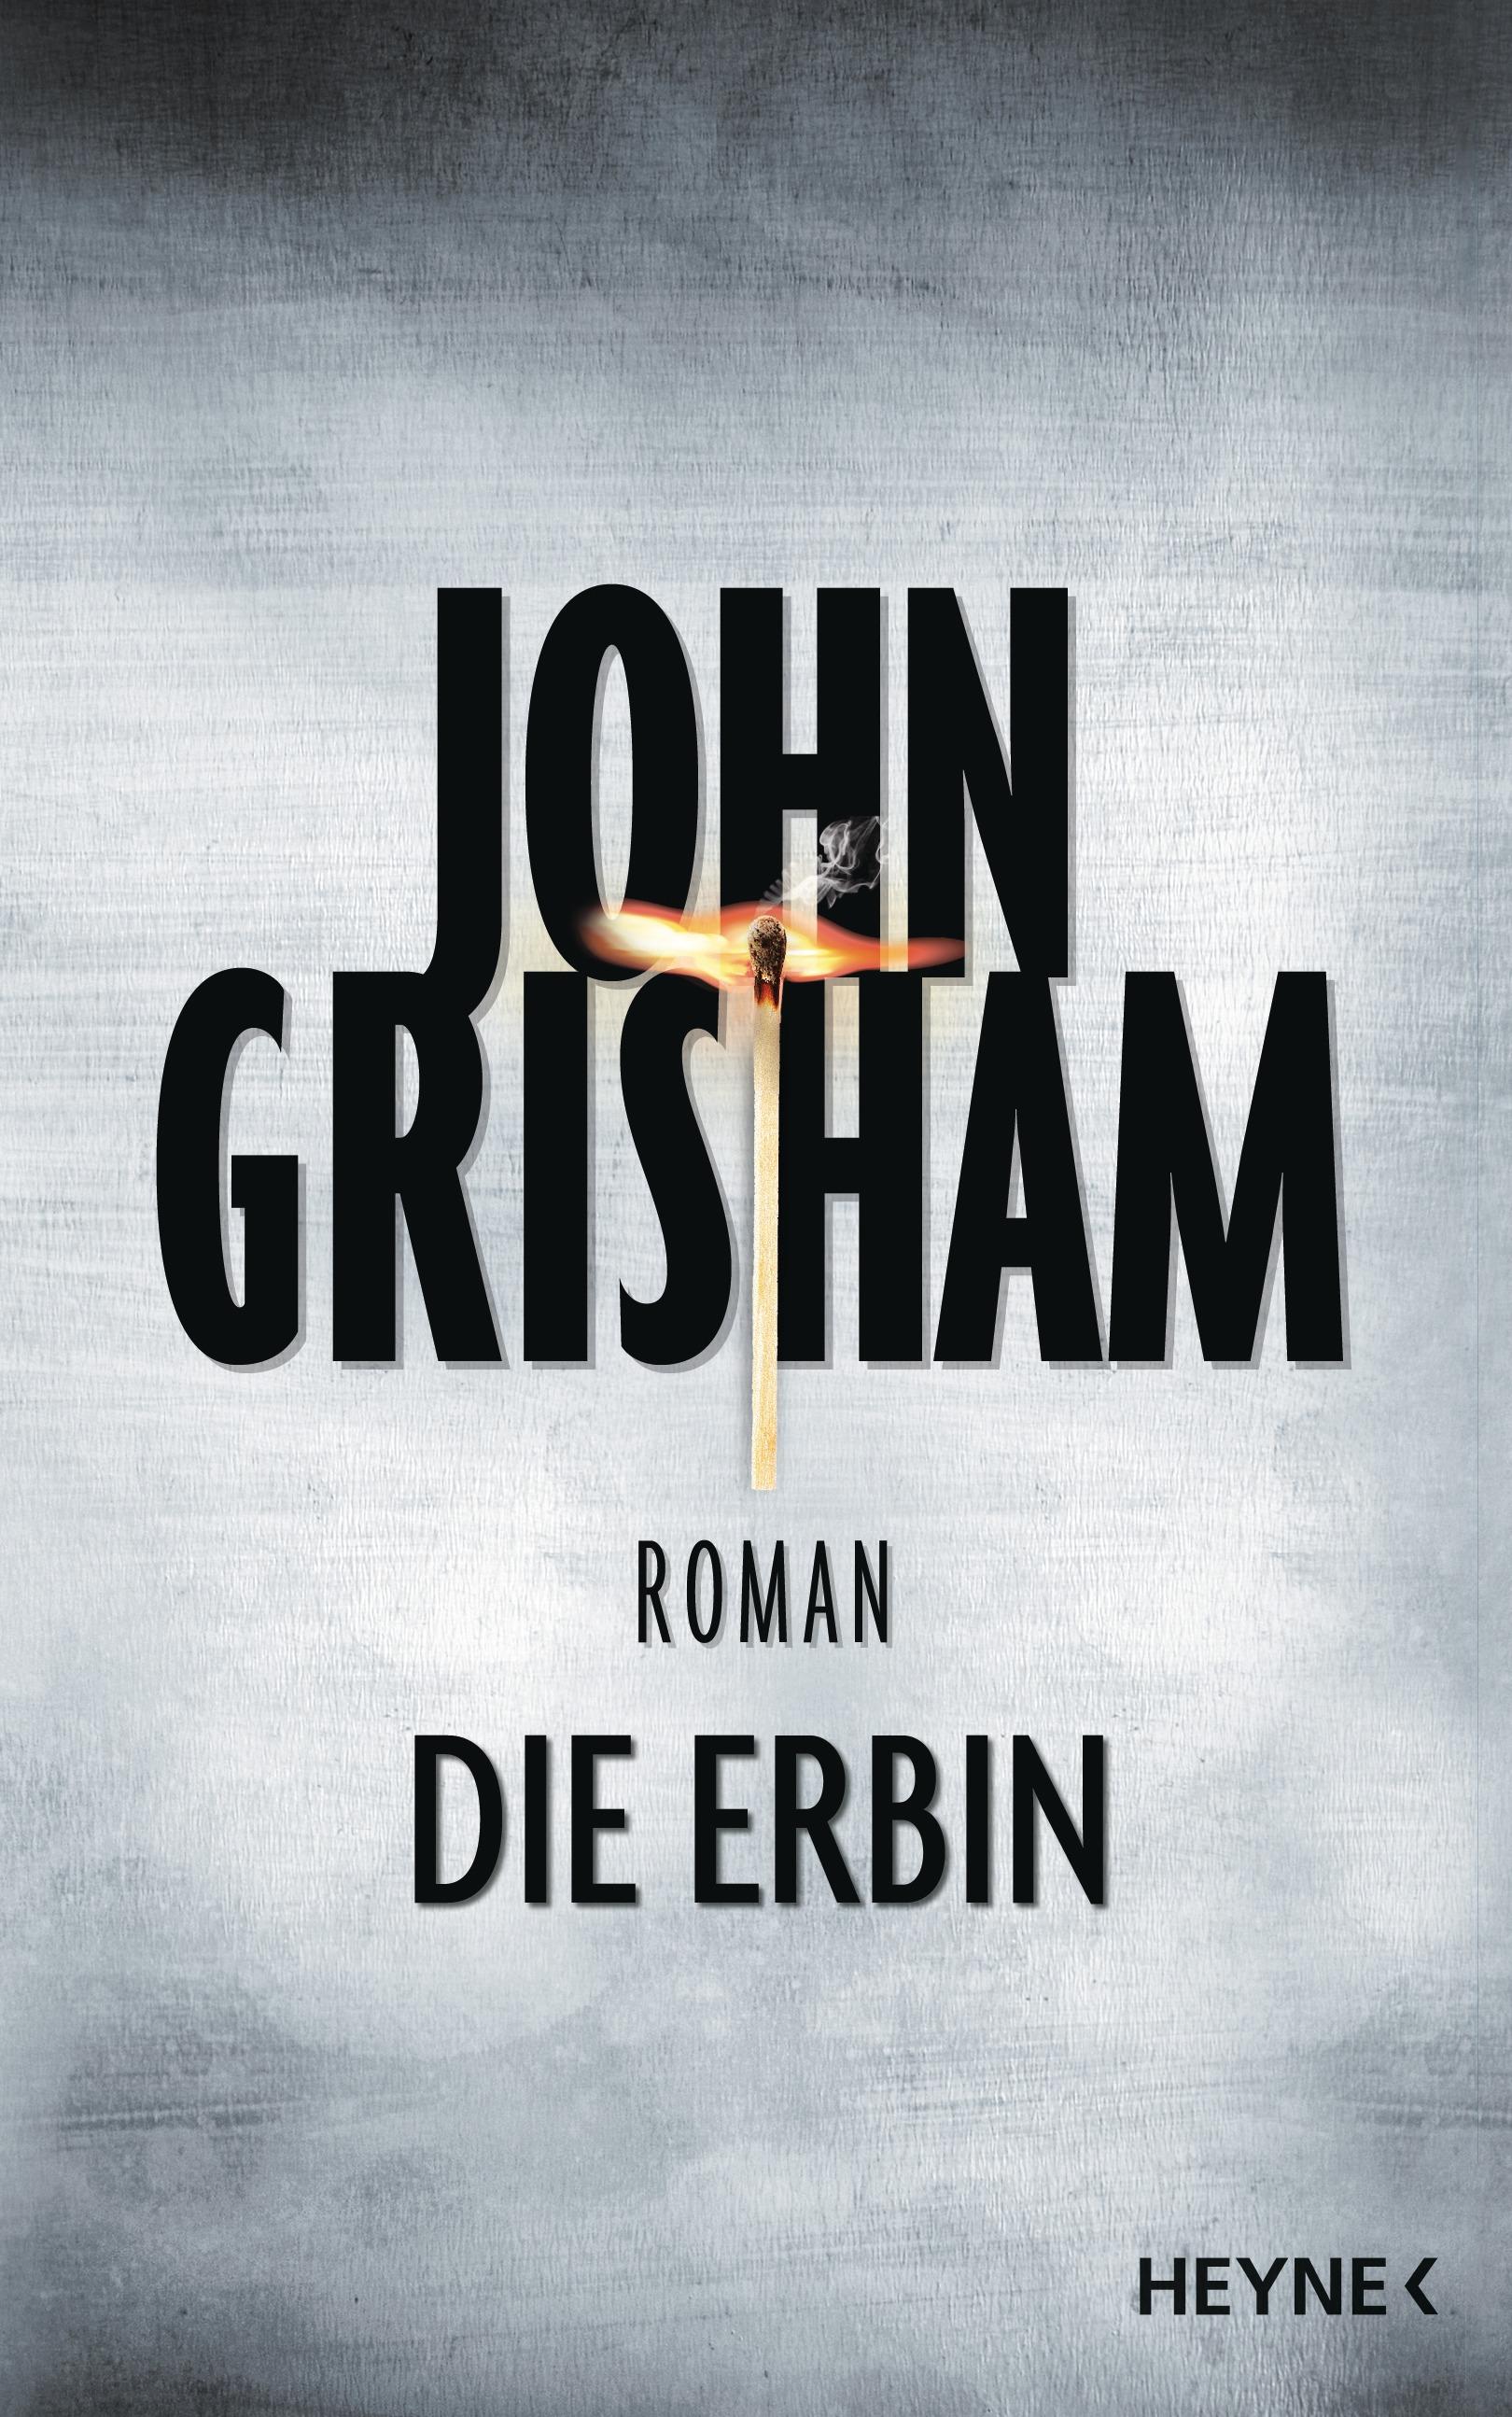 Die Erbin von John Grisham